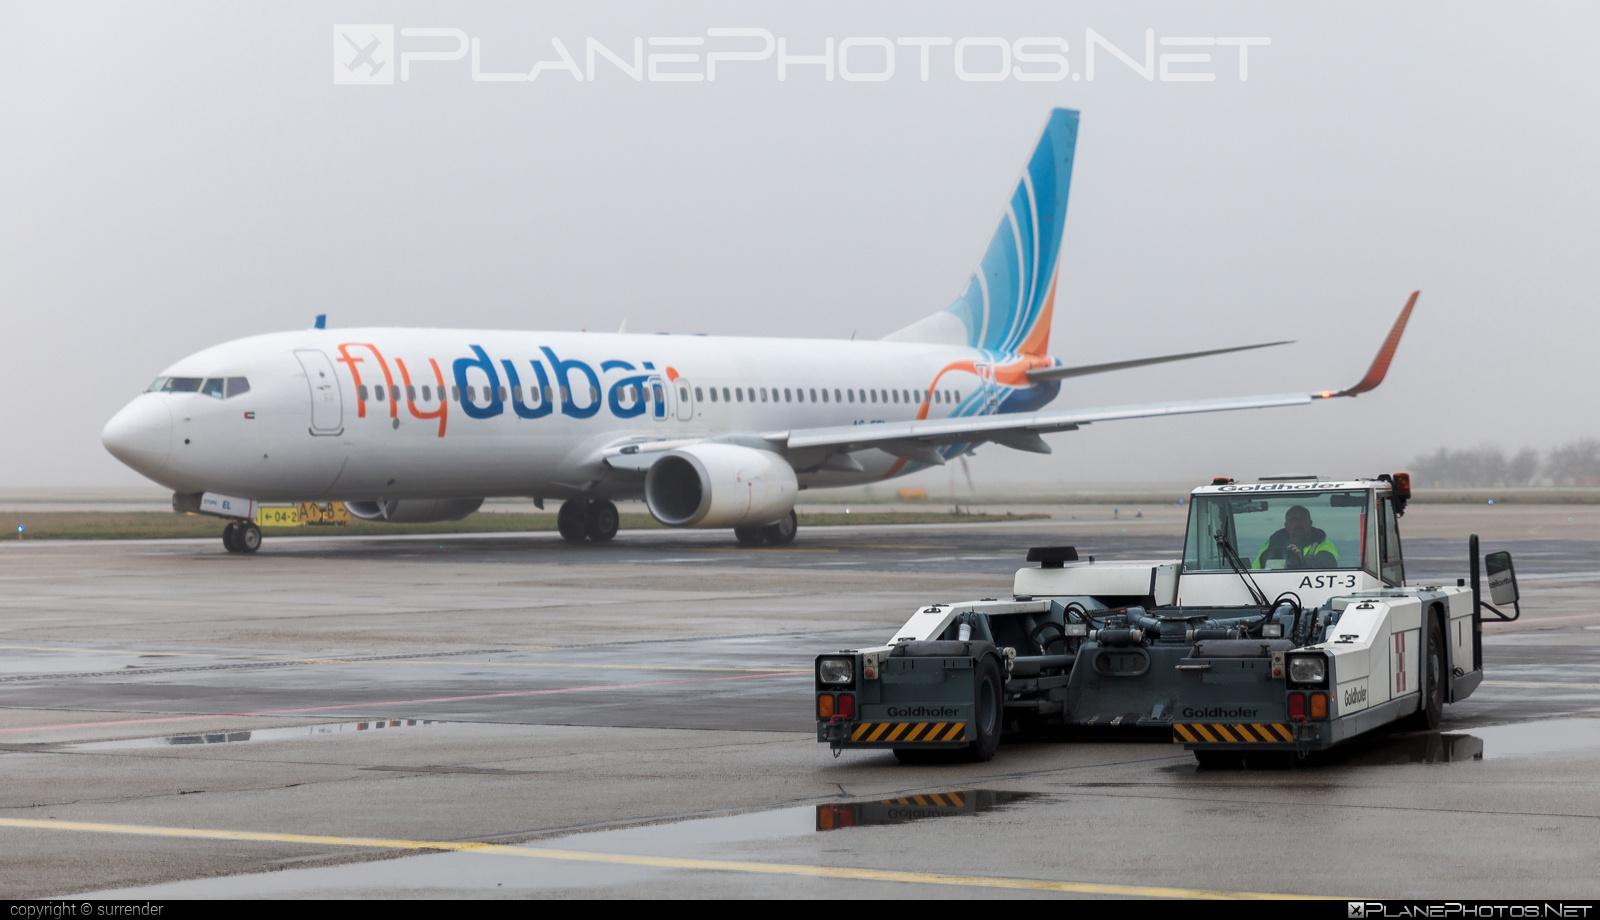 Boeing 737-800 - A6-FEL operated by flydubai #b737 #b737nextgen #b737ng #boeing #boeing737